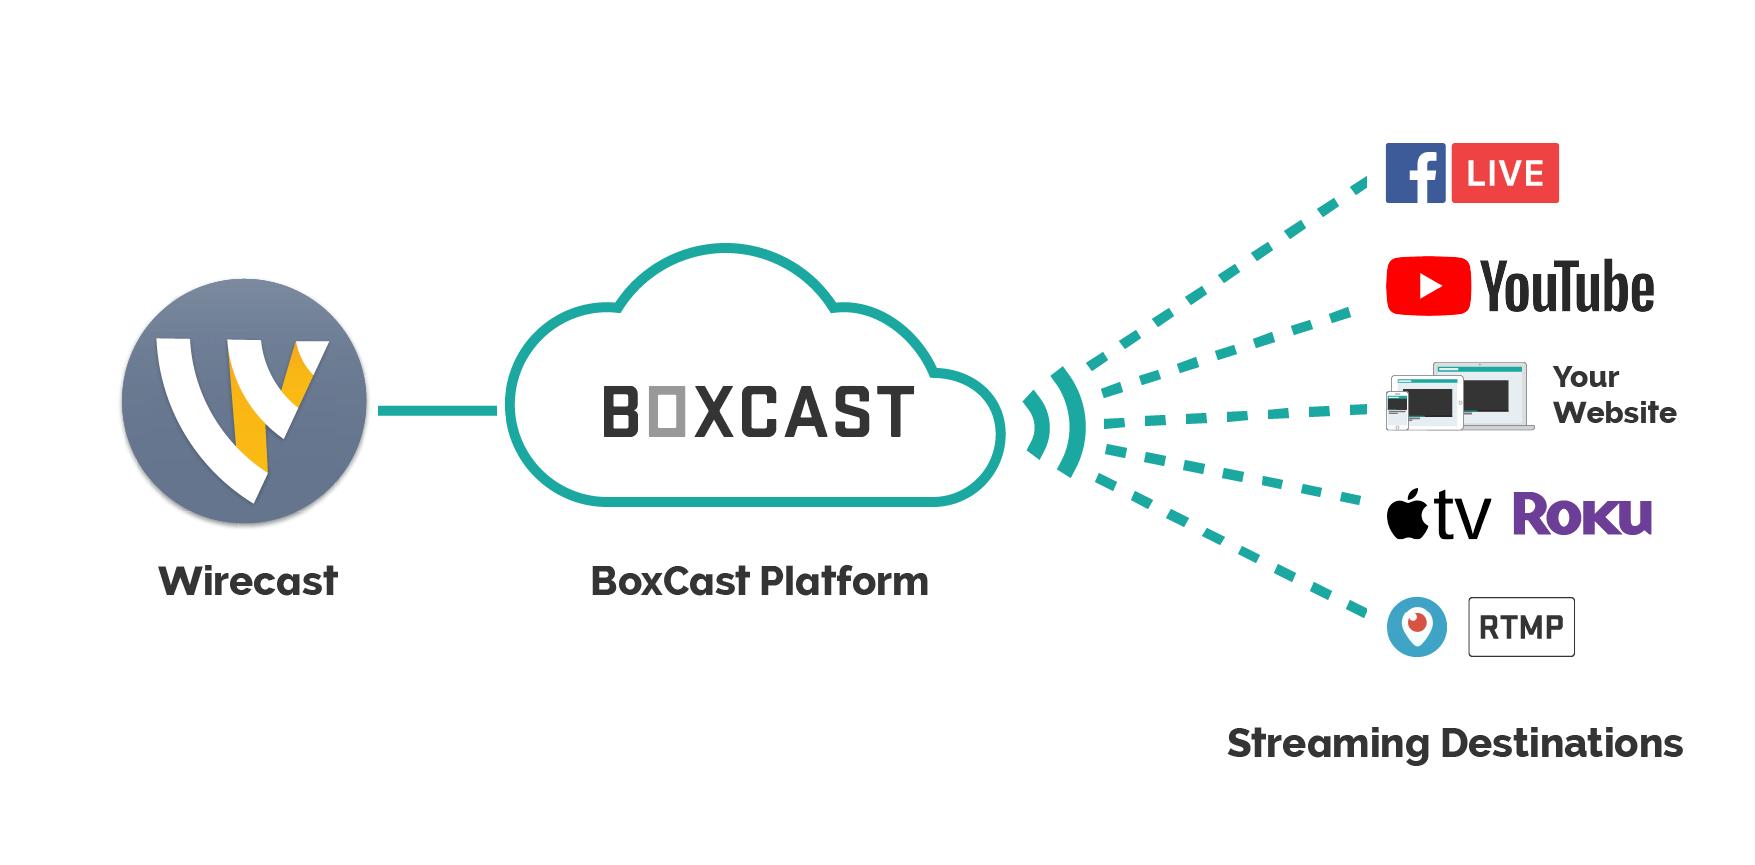 BoxCast_Wirecast_Workflow